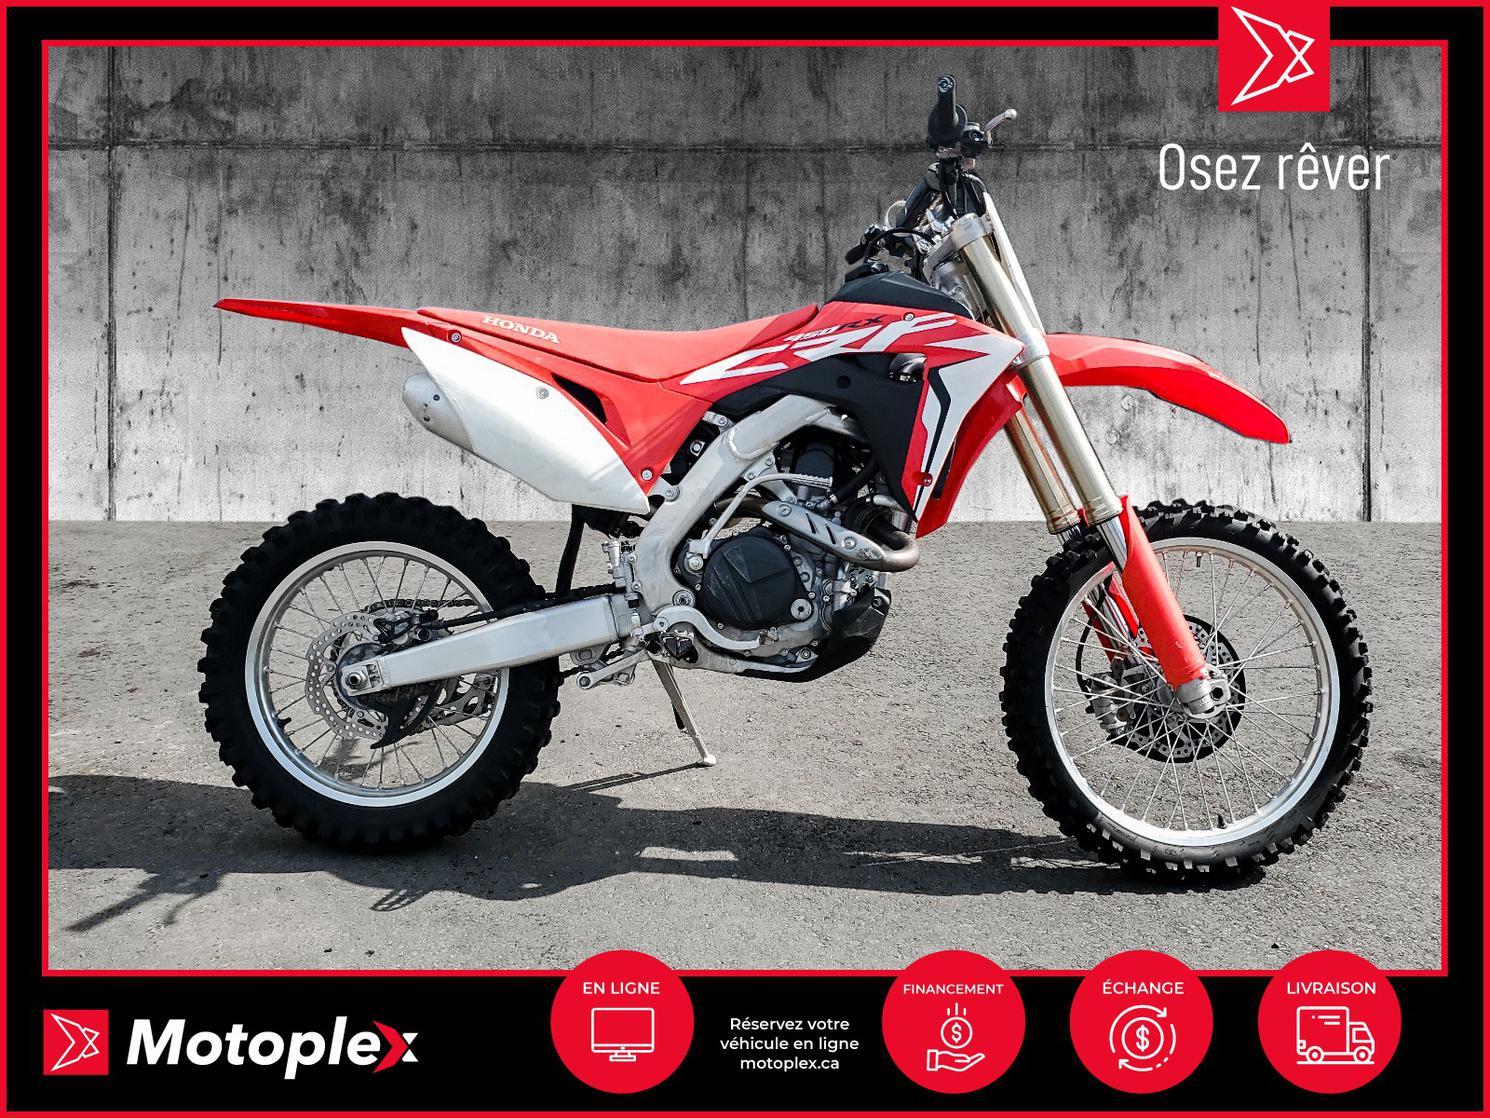 2017 Honda CRF 450 RX 37$/semaine